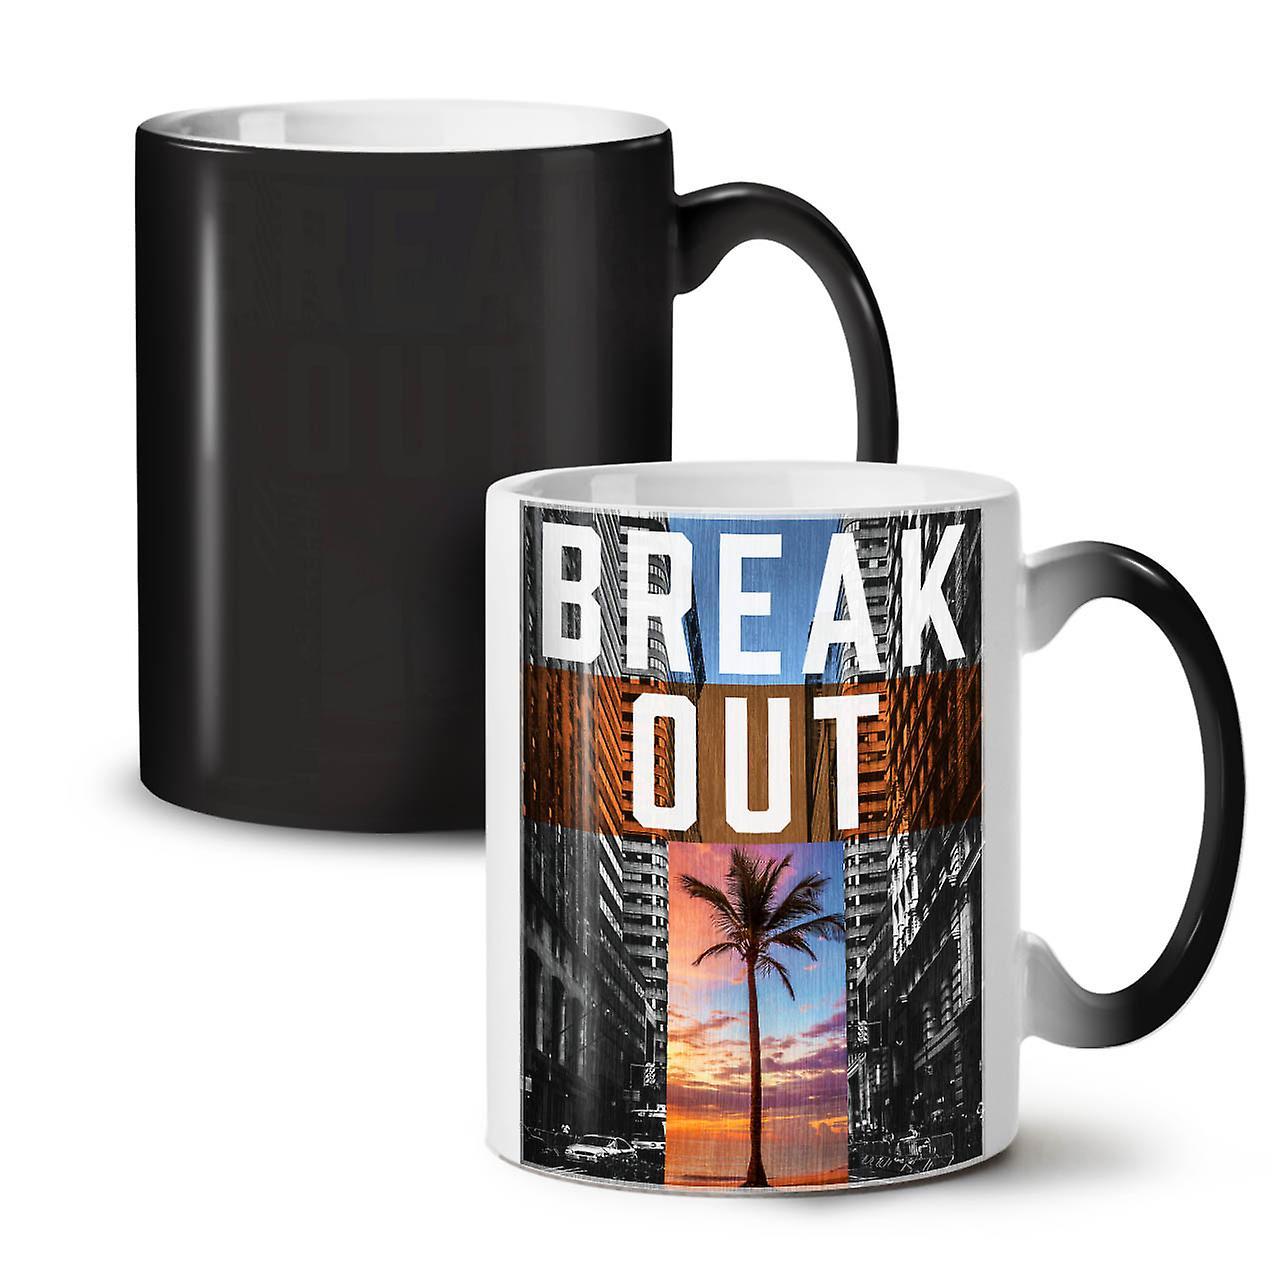 Out Break City Thé Tasse Changeant Céramique OzWellcoda Café 11 Noir Coloris Nouveau 1cTlJKF